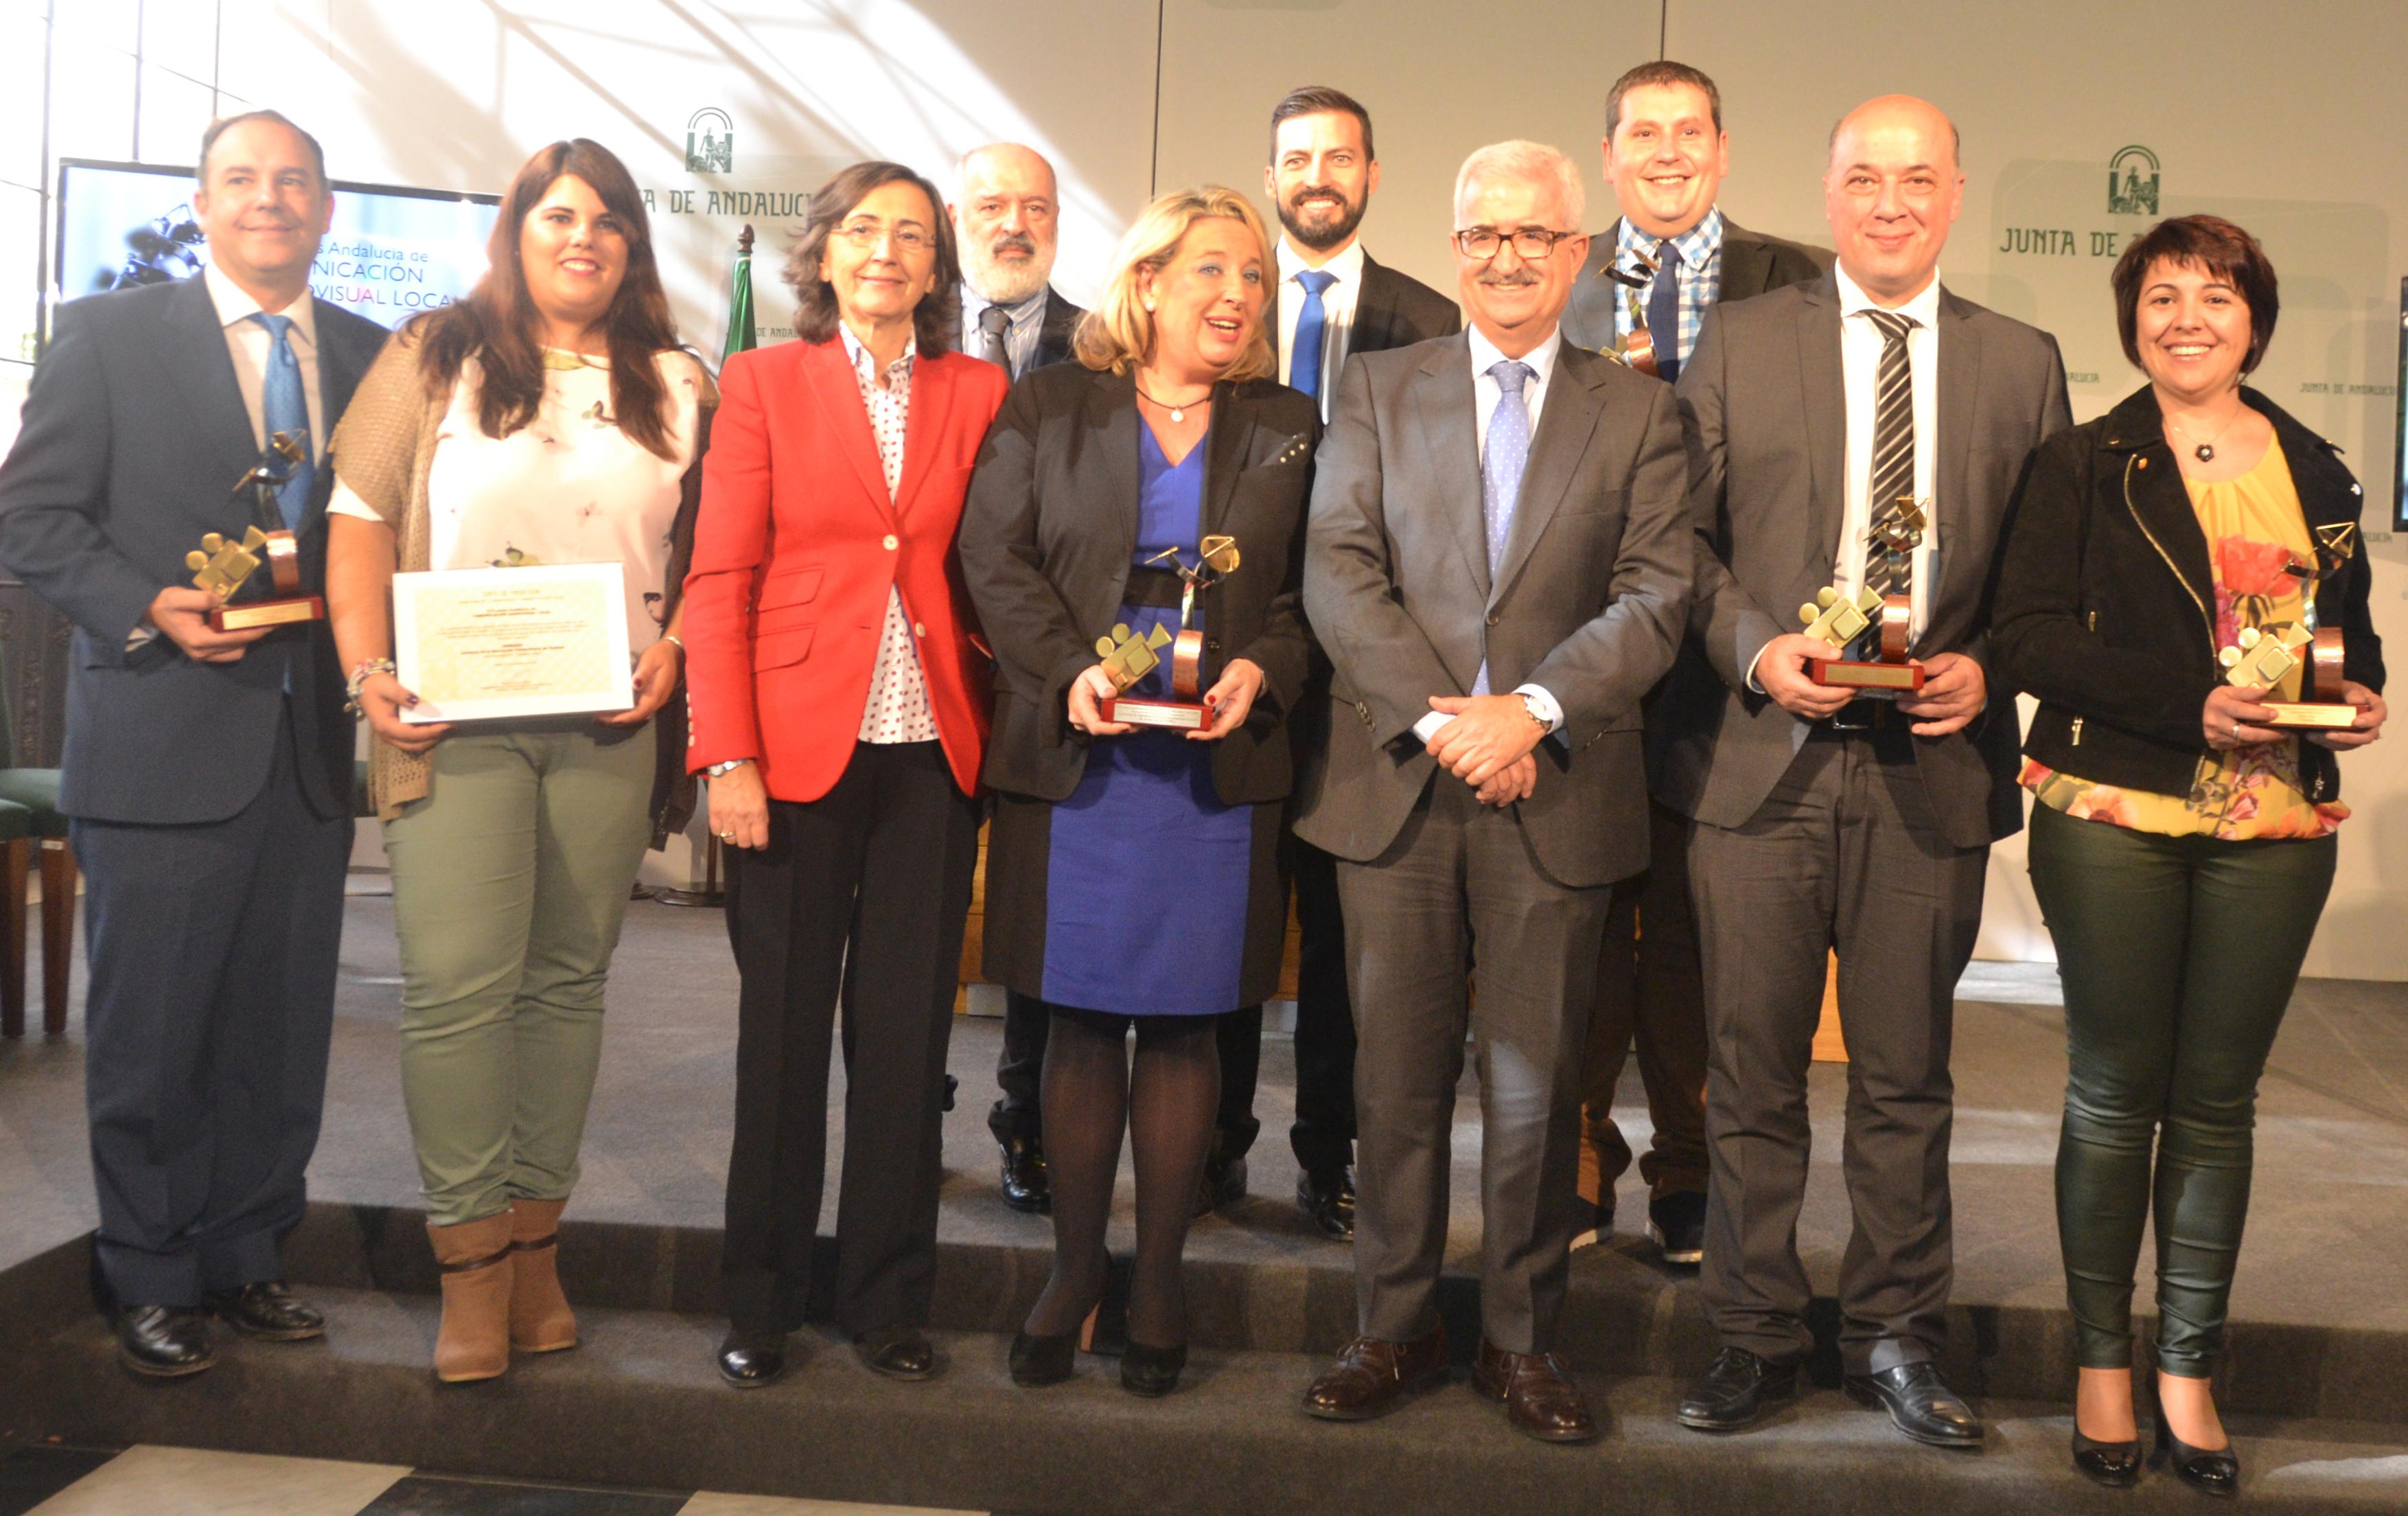 Los galardonados en las distintas categorías junto a los representantes de la Junta de Andalucía